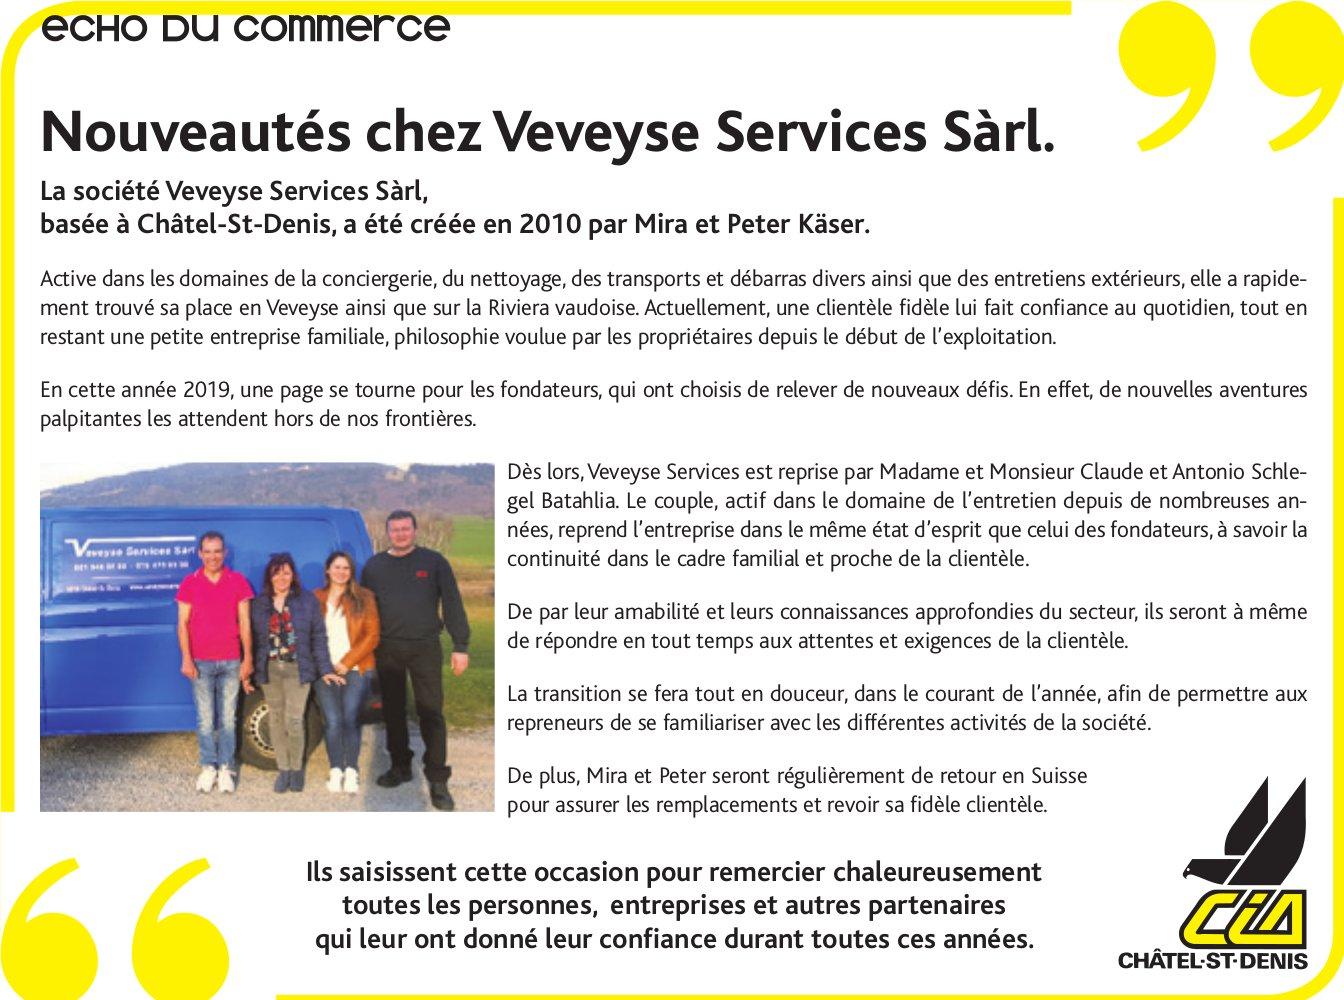 Echo du commerce, Veveyse, Nouveauté chez Veveyse Services Sàrl